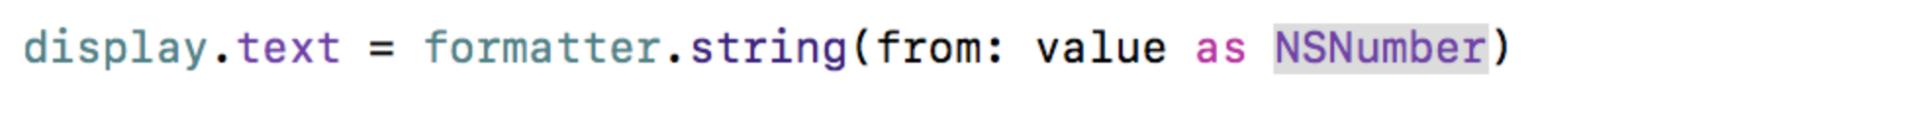 Переходим на Swift 3 с помощью миграционного «робота» в Xcode 8.1 и 8.2 - 22